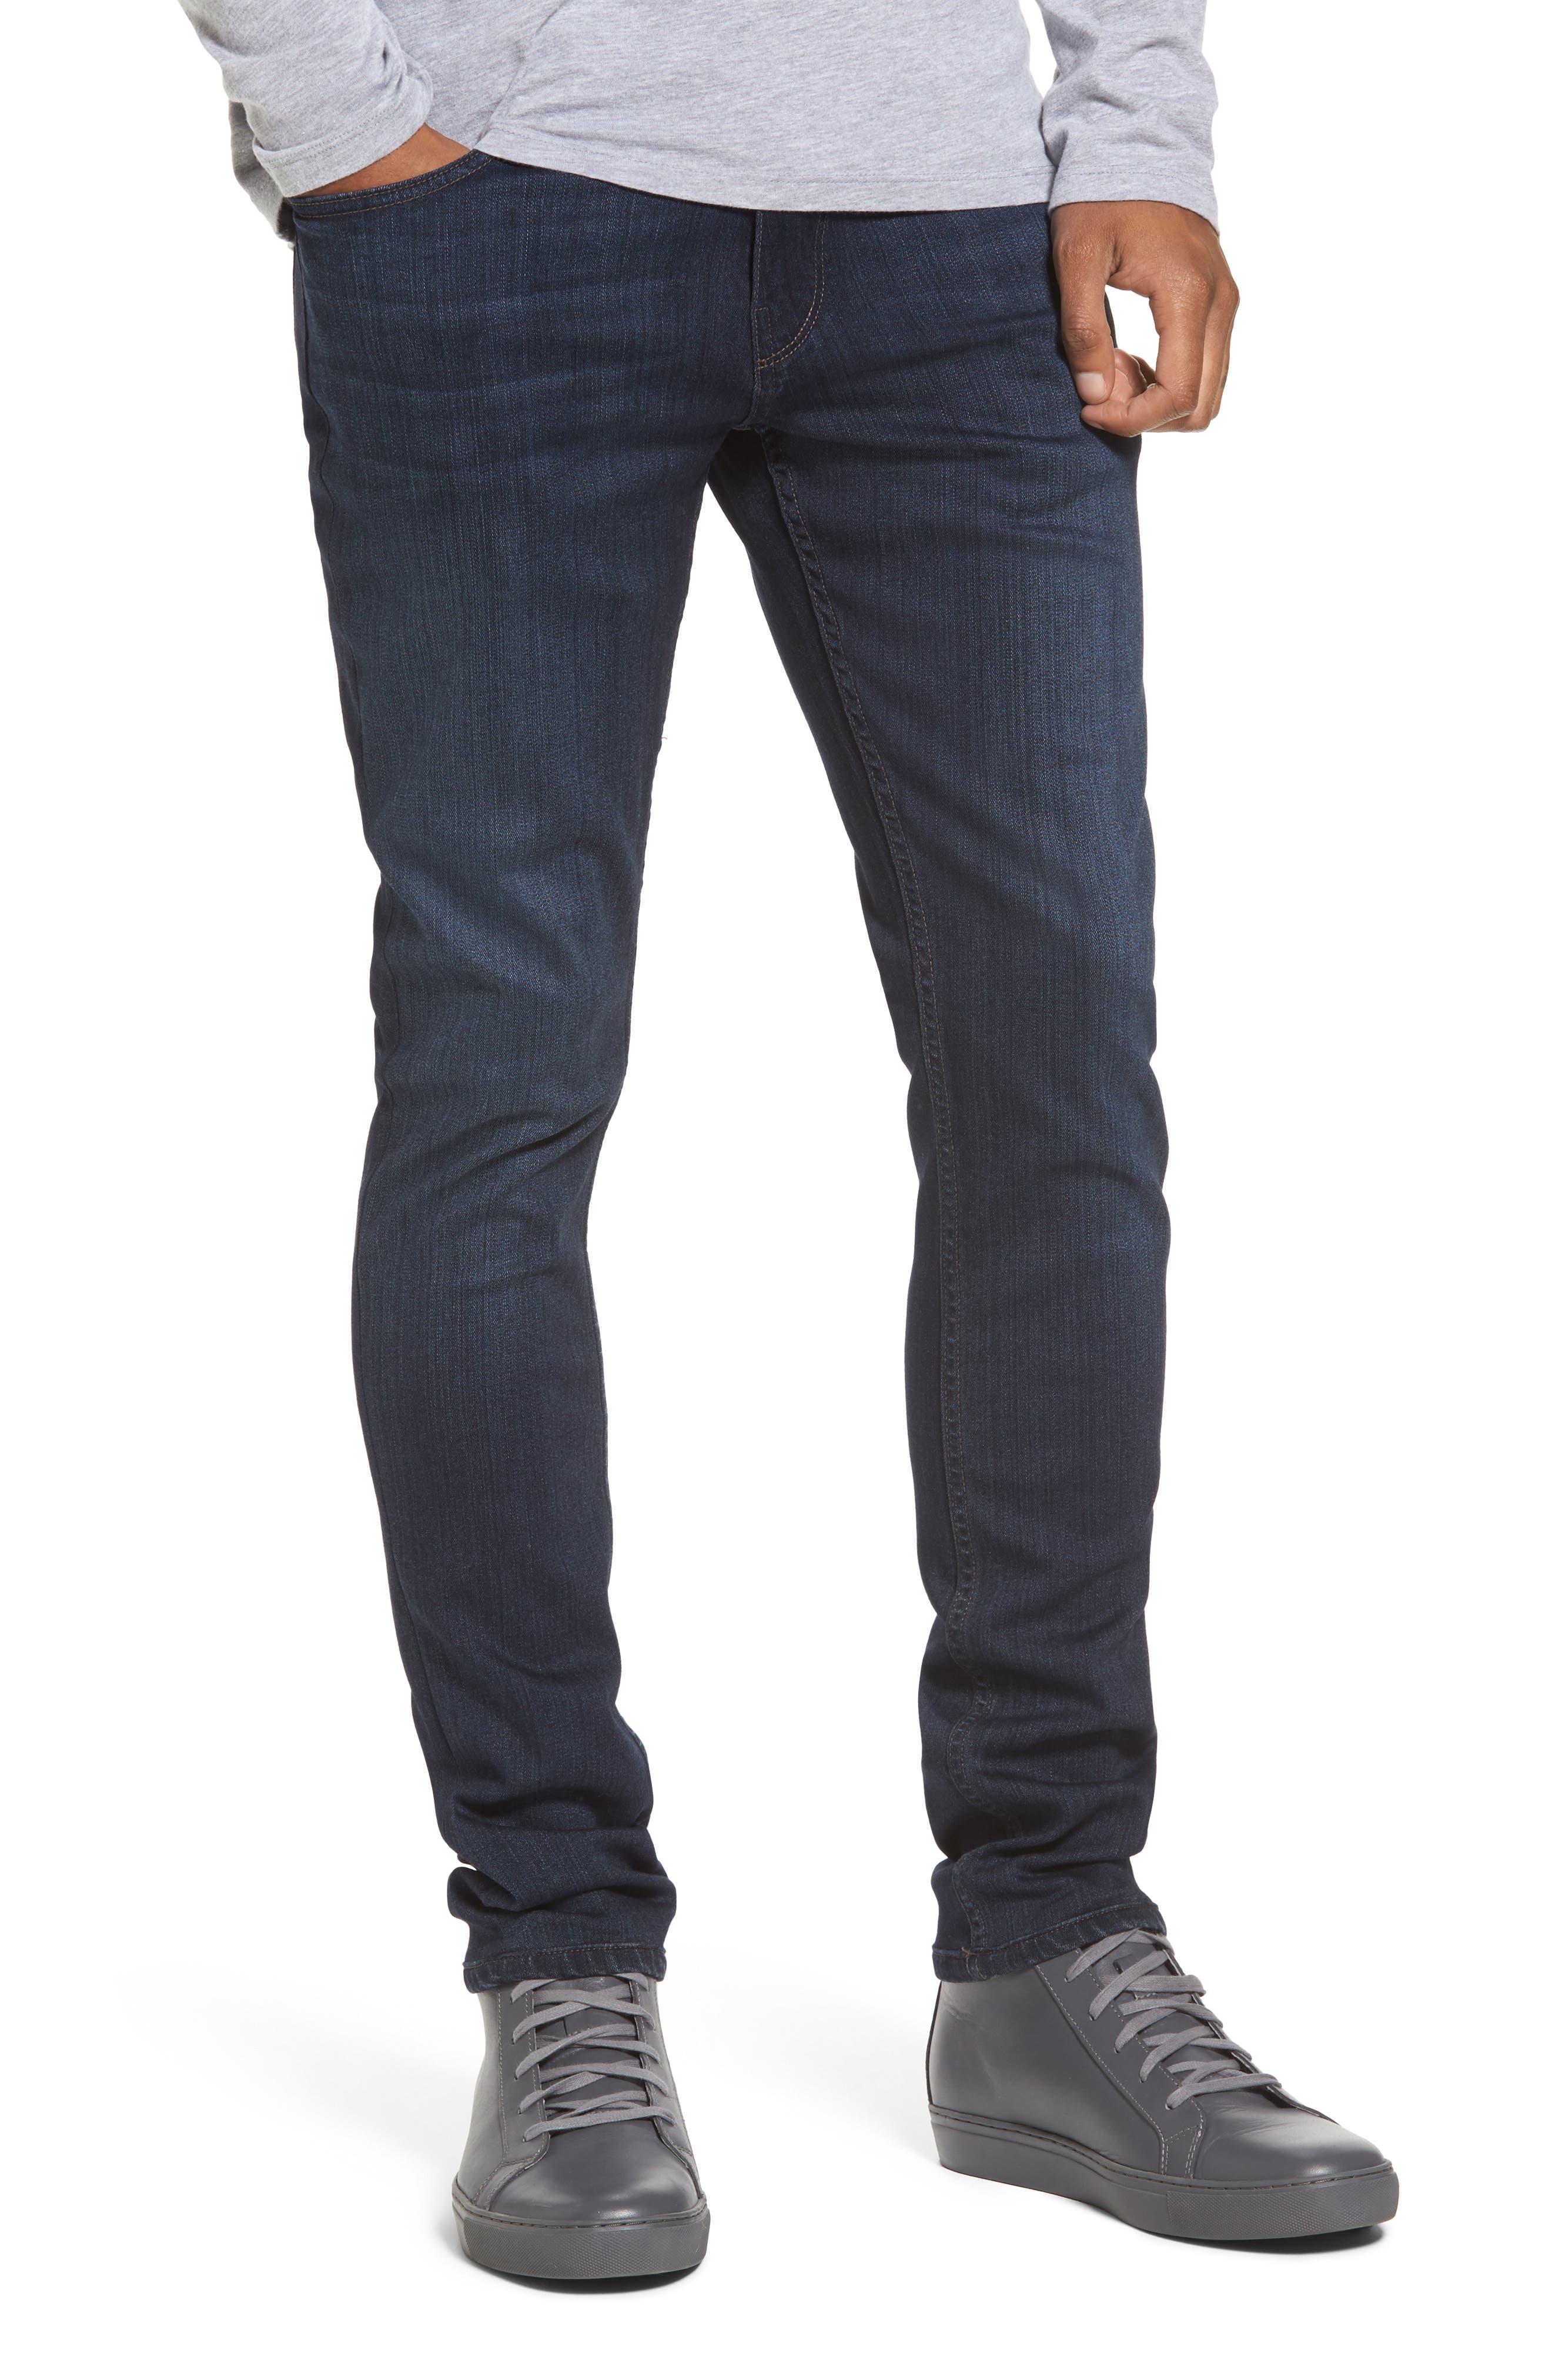 Transcend - Croft Skinny Fit Jeans,                         Main,                         color, 400